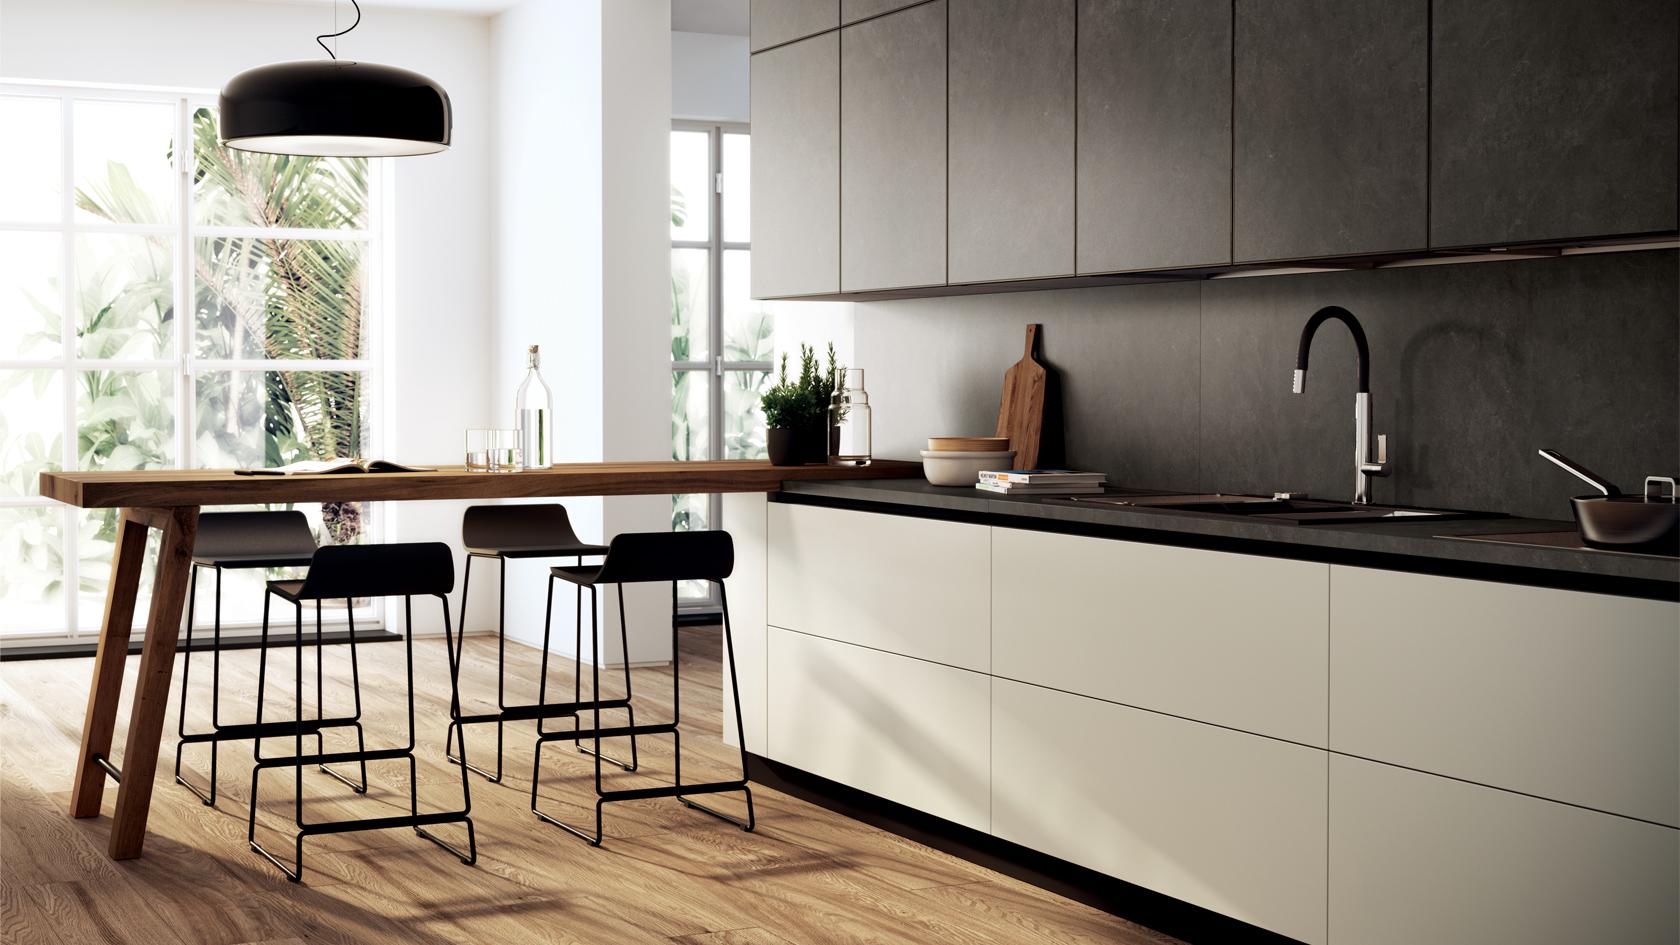 Тенденции в дизайне мебели на заказ 2020: что выбрать